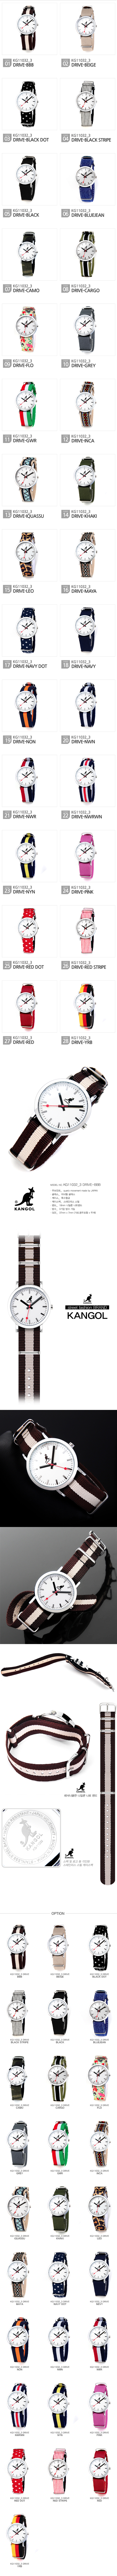 캉골시계(KANGOL WATCH) KG110323 DRIVE 나토 밴드